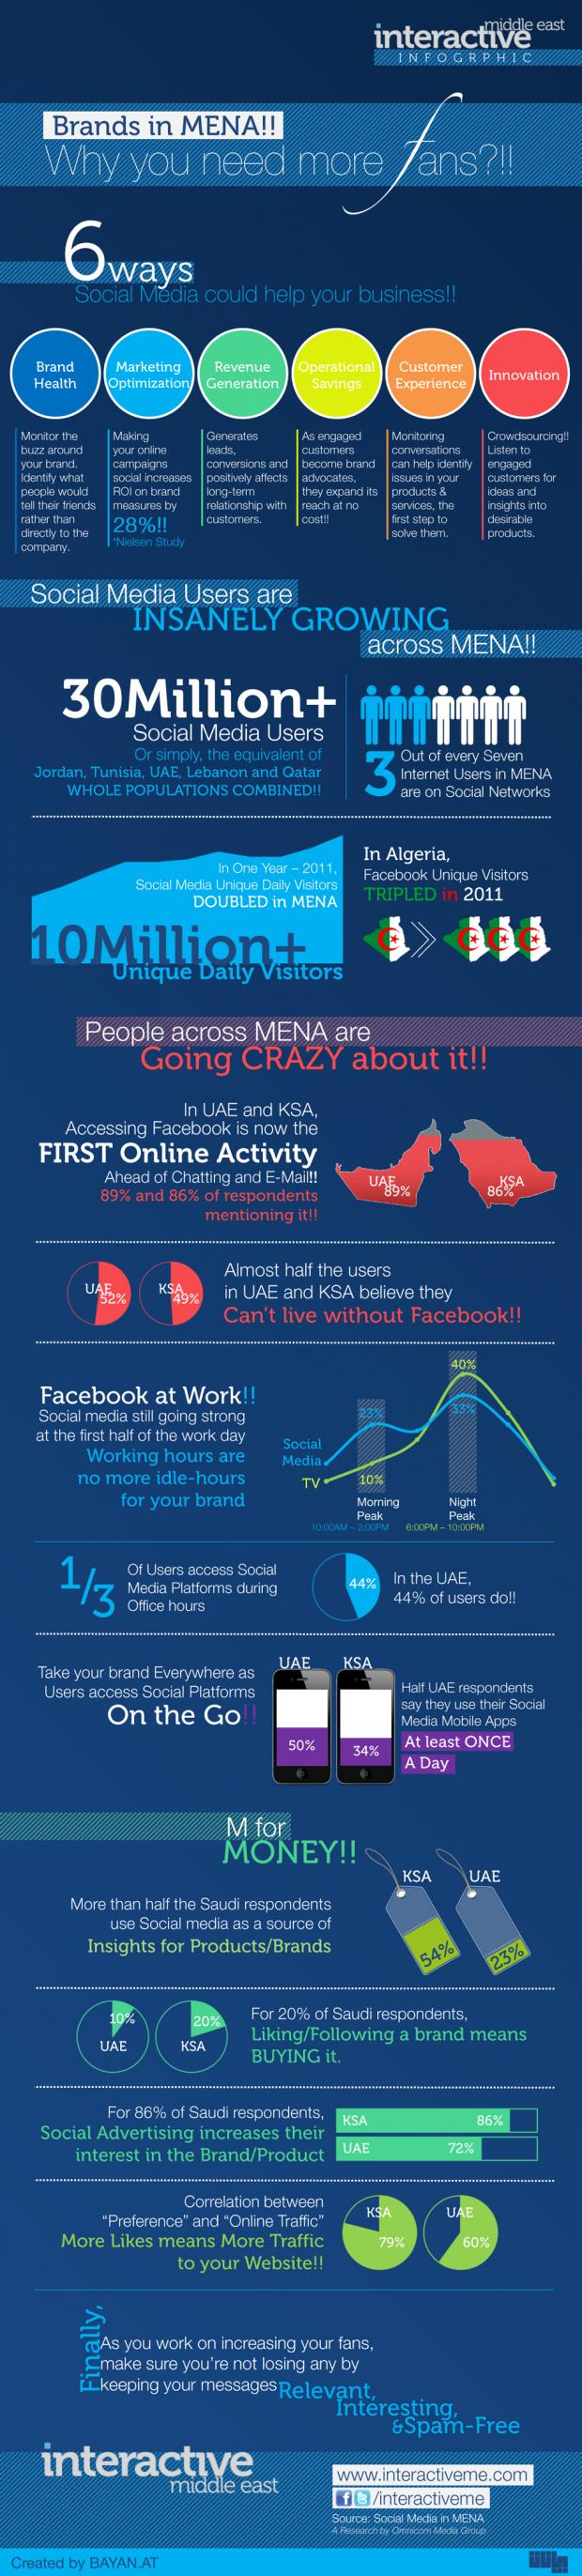 Social Media for Brands in MENA Infographic v1.0